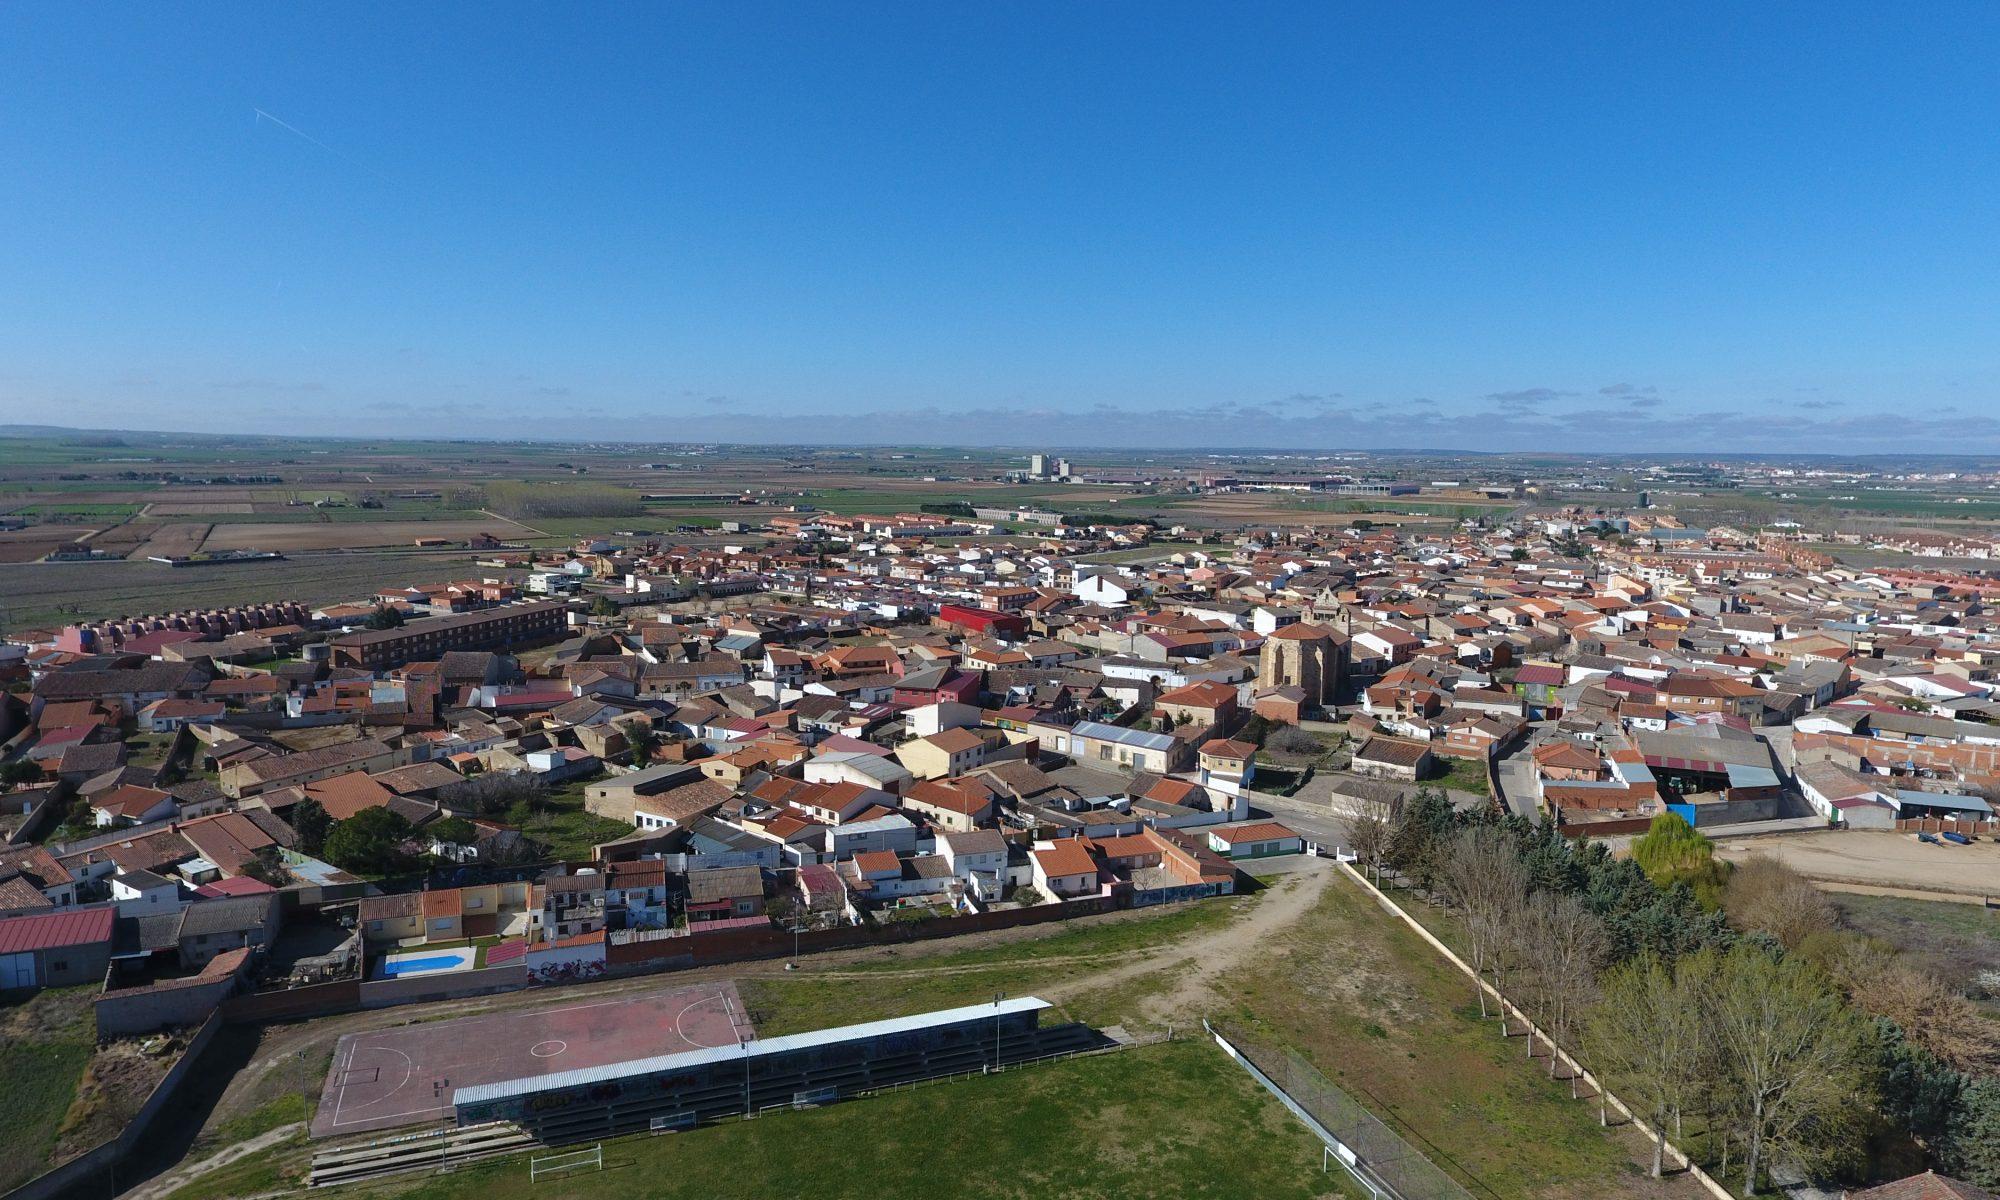 Villaralbo a vista de dron